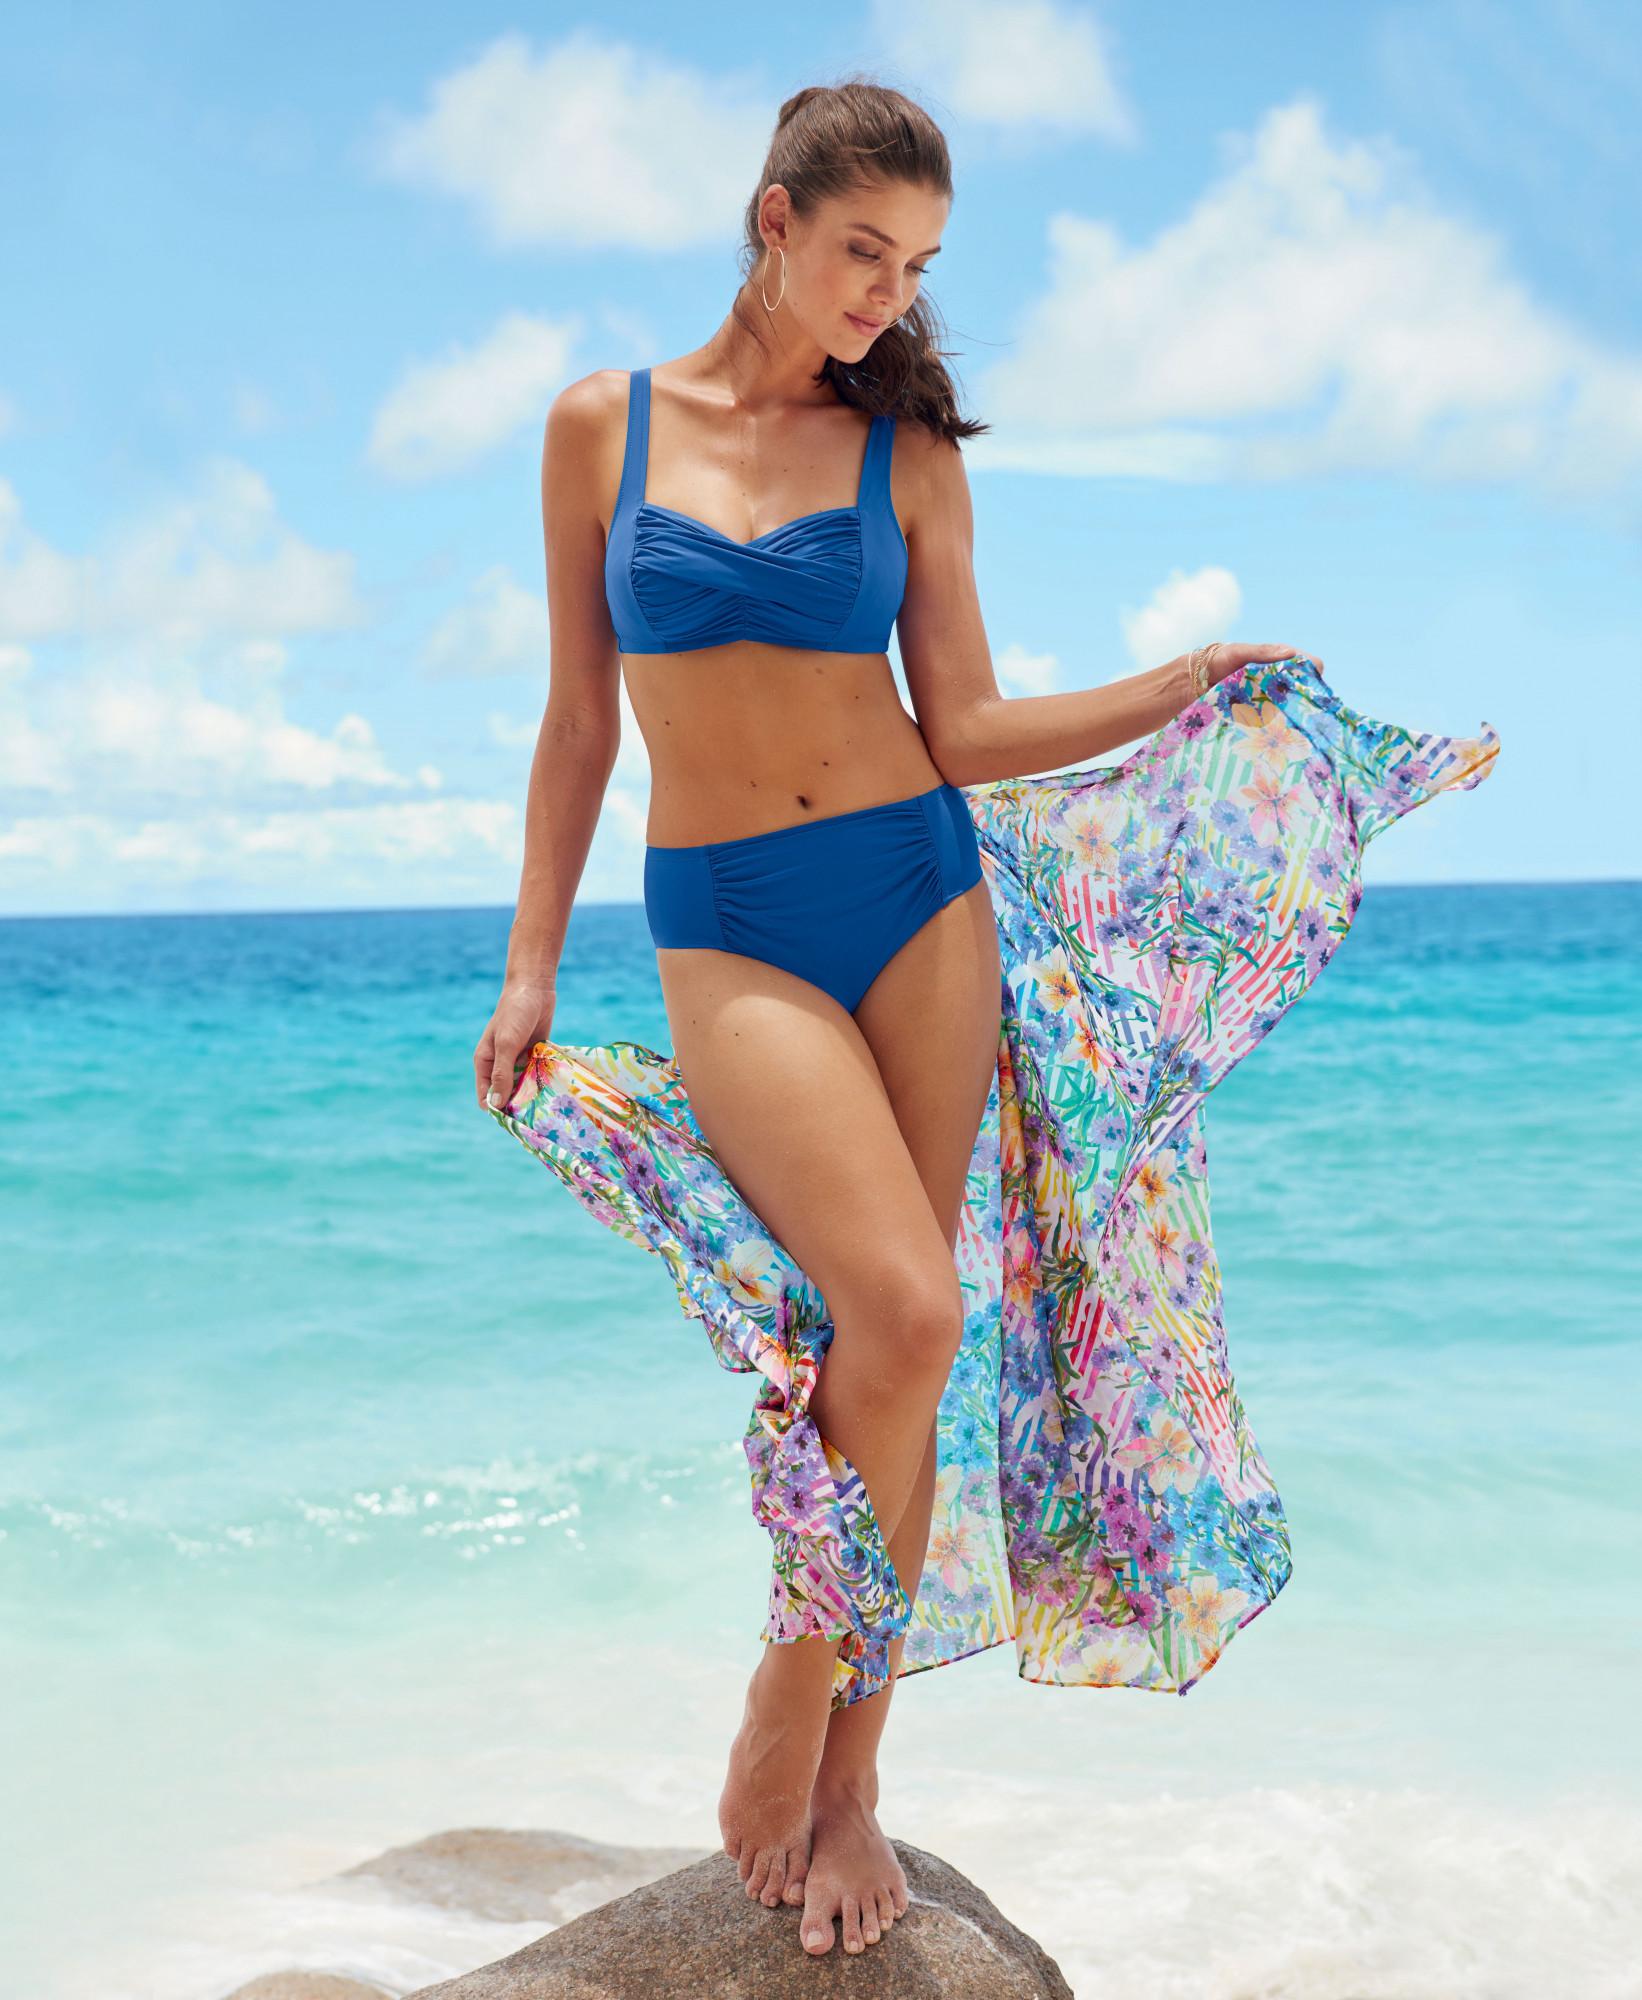 Dvoudílné plavky Elle L7 8460 - Anita Barva: modrá, Velikost: 38=75